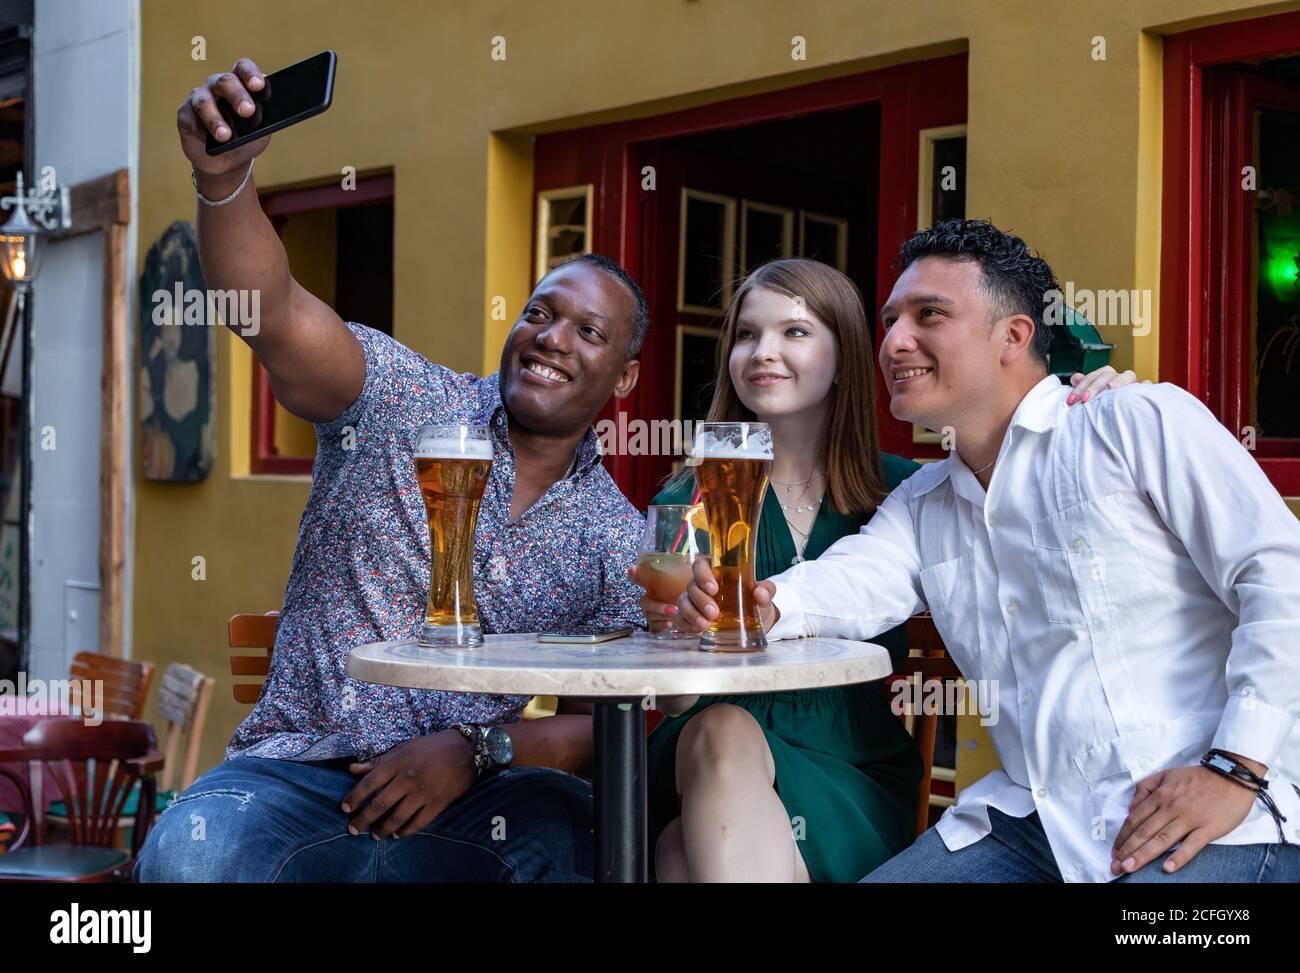 Grupo multirracial de amigos bebiendo y tomando selfie en la terraza de la calle del café. Concepto de amistad con jóvenes multiétnicos disfrutando del tiempo Foto de stock